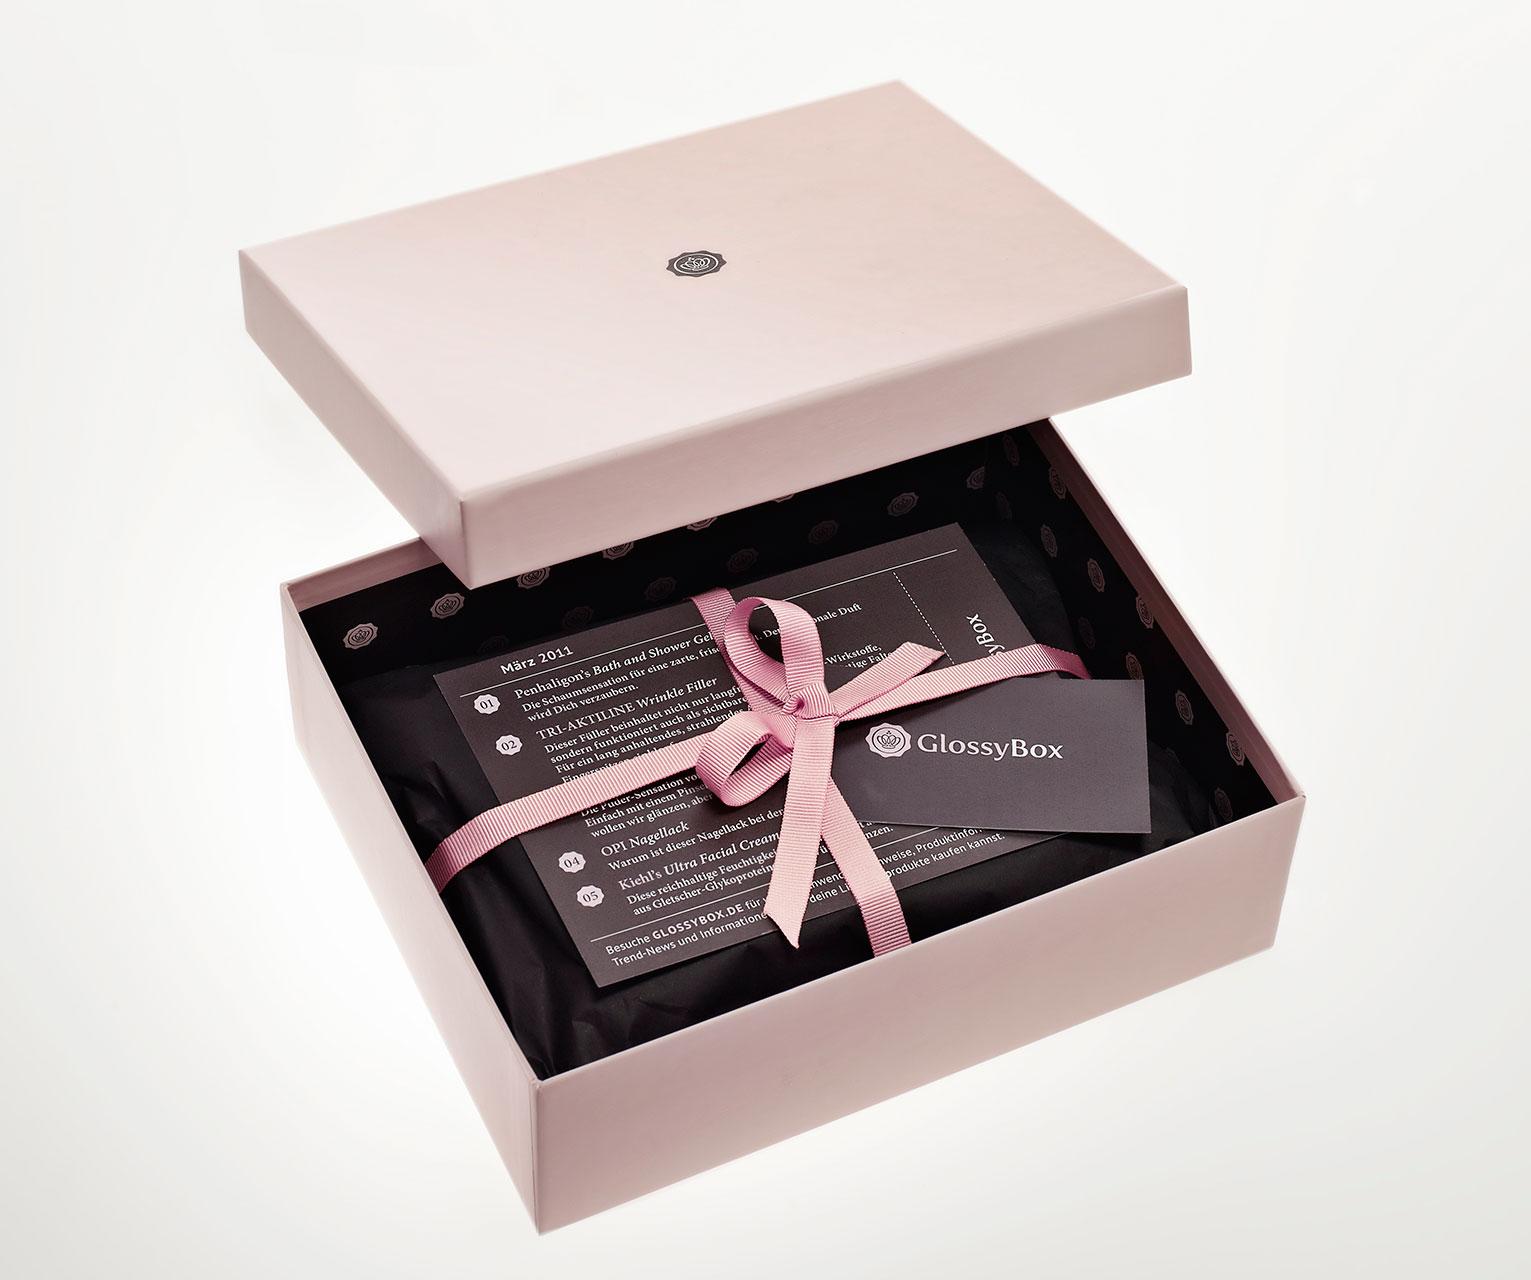 GlossyBox: Praktische Kosmetik-Überraschungsbox